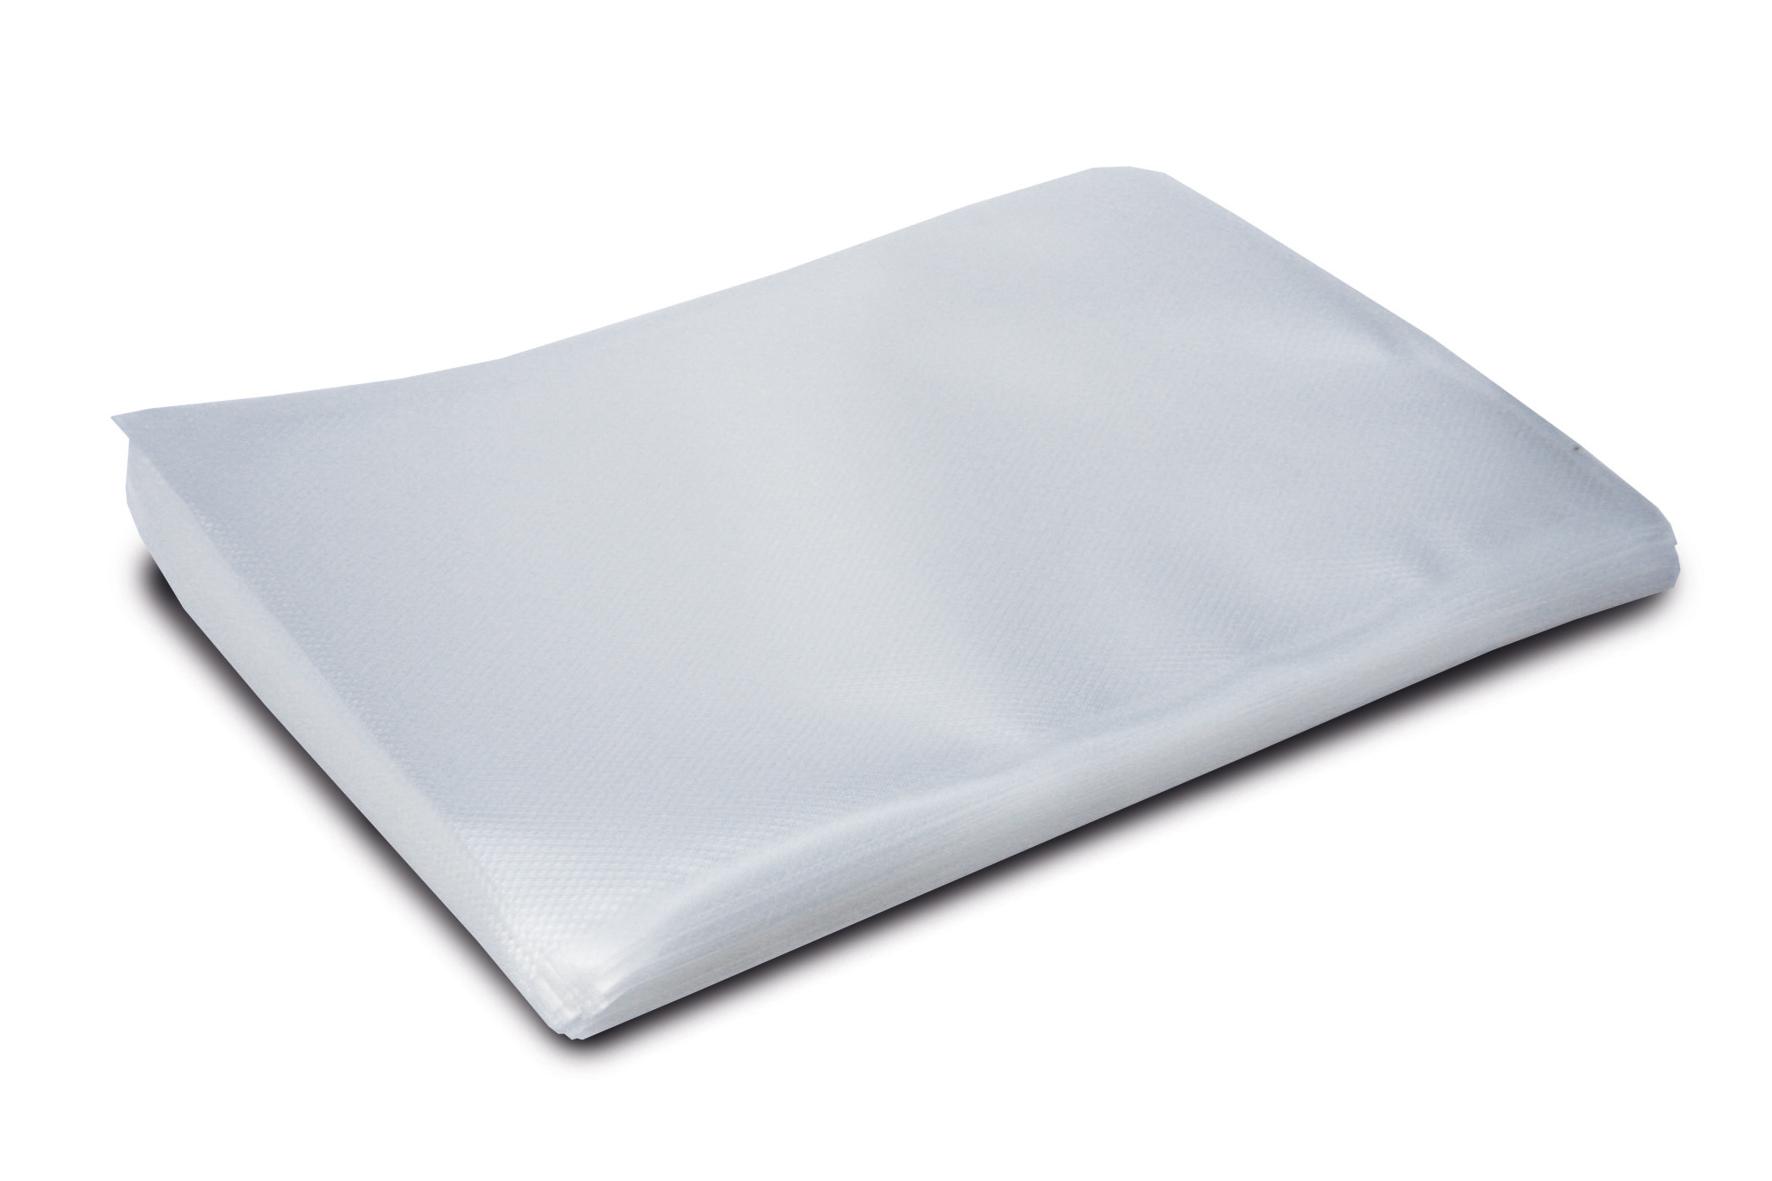 caso folienbeutel 16x23cm online kaufen auf jagd shop alles. Black Bedroom Furniture Sets. Home Design Ideas